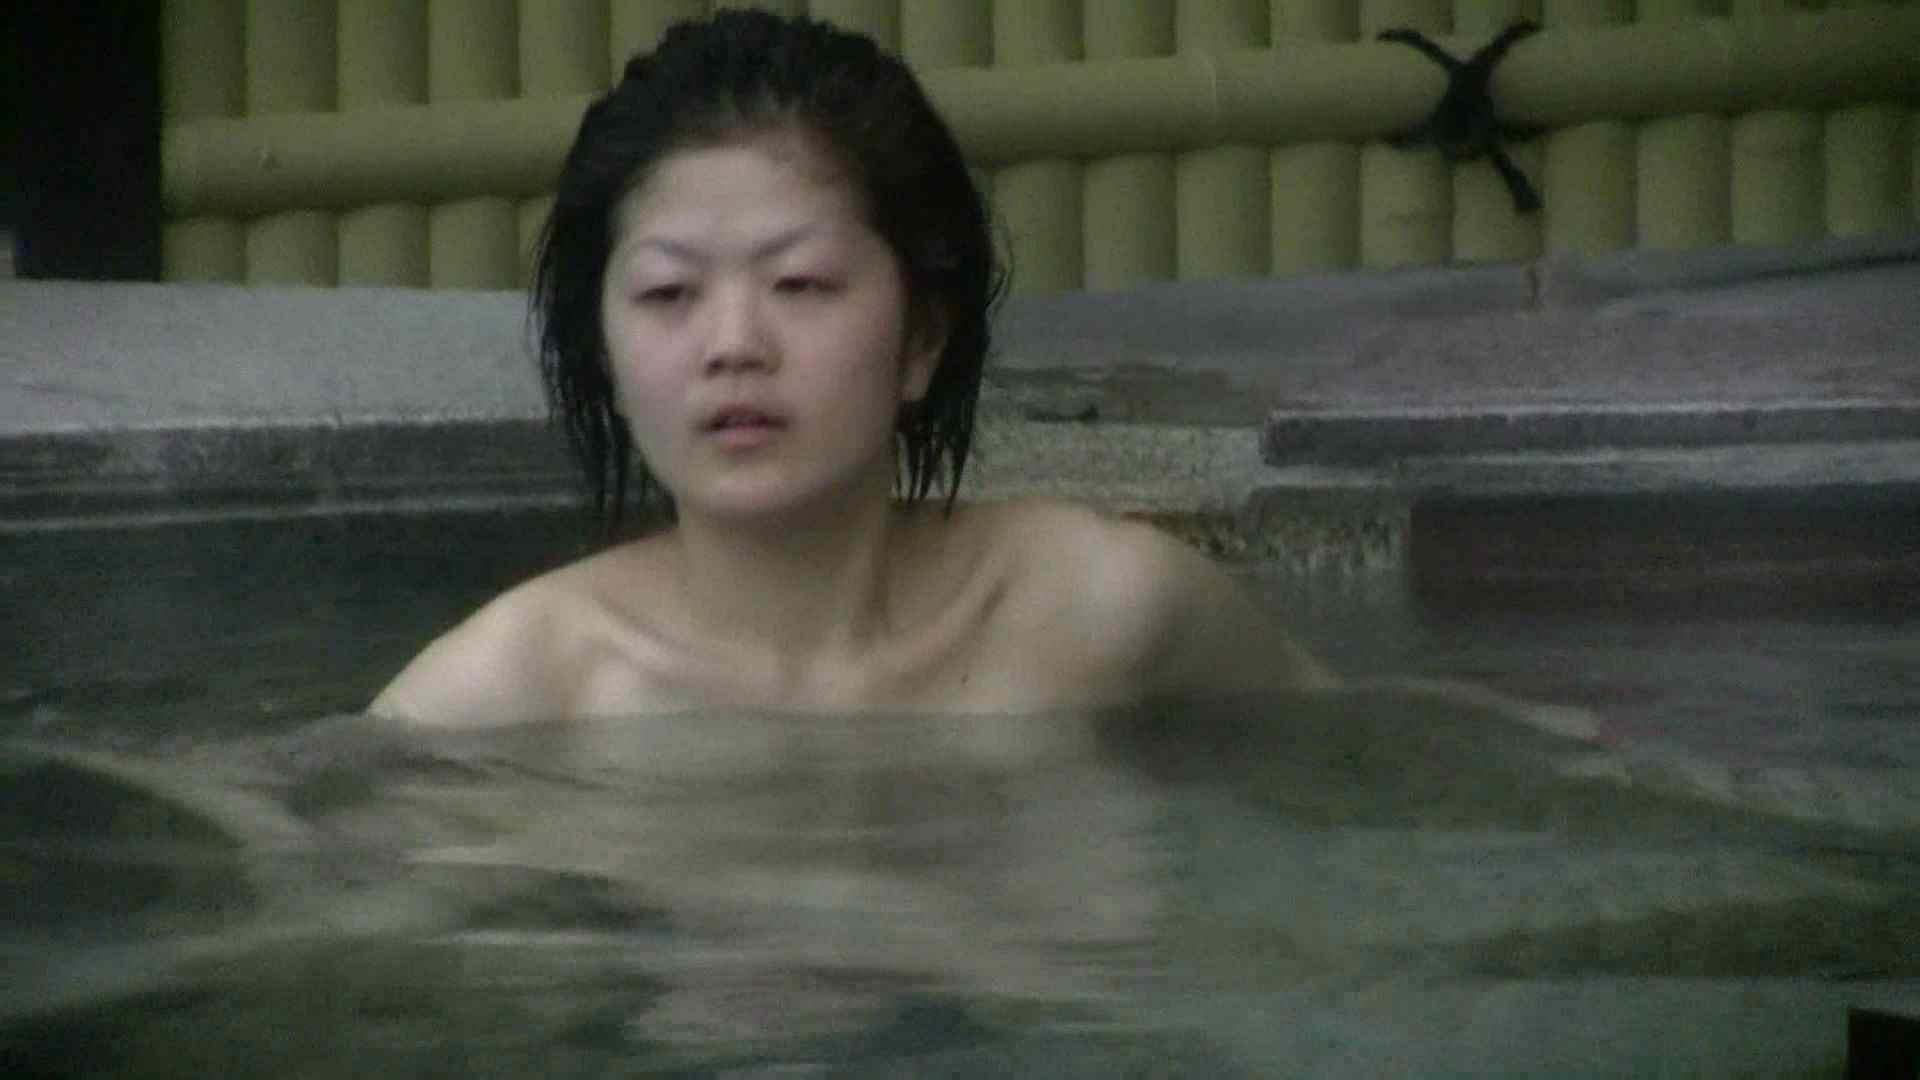 Aquaな露天風呂Vol.538 OLのエロ生活   盗撮  90連発 34